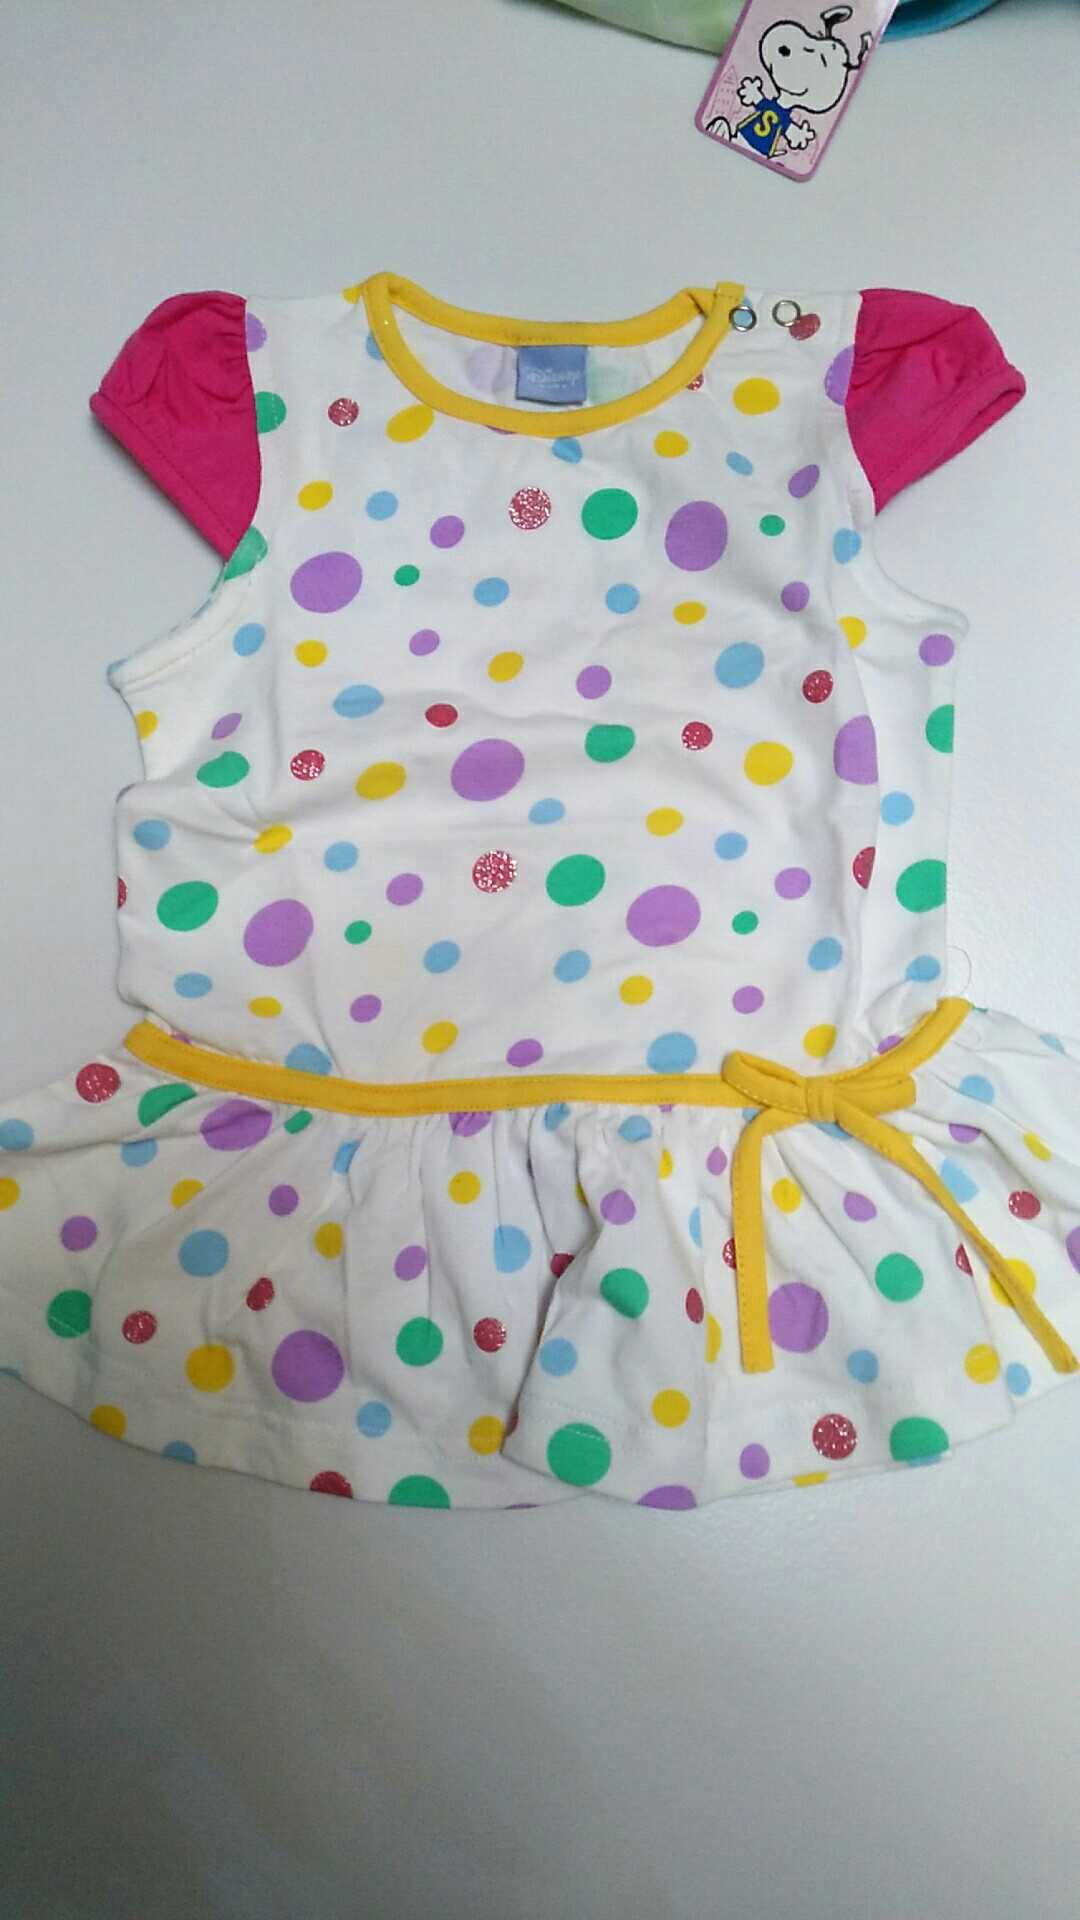 正品丽婴房童装裙子连衣裙特价裙夏款清剪标不退不换纯棉裙